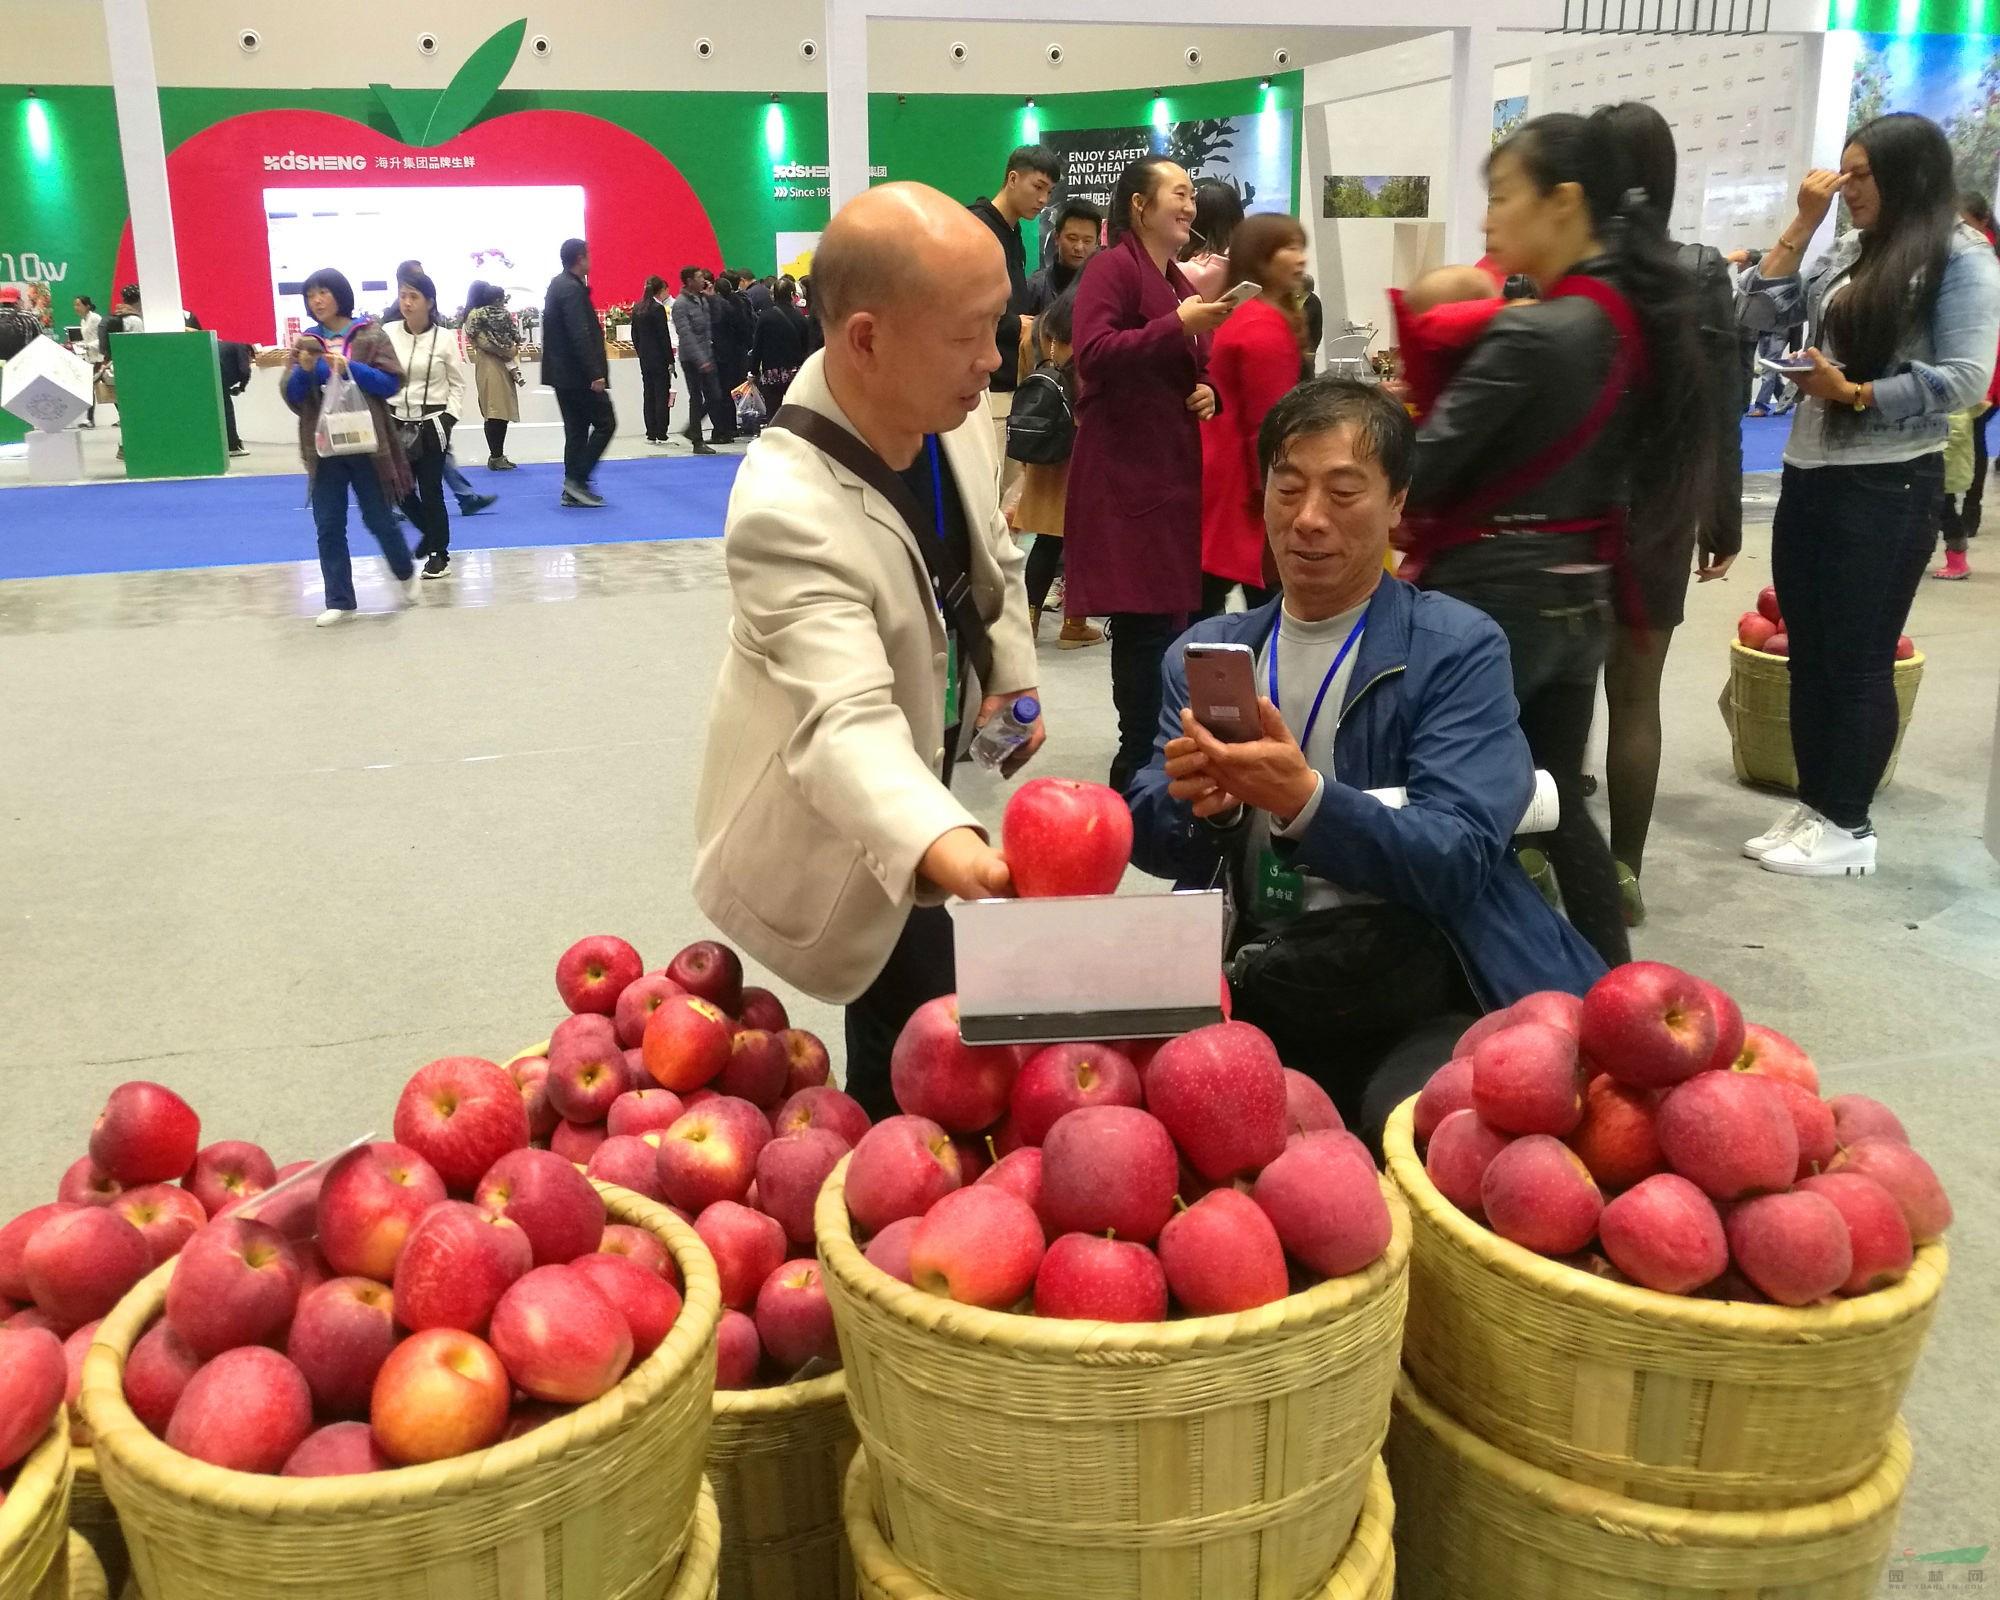 云南昭通市将办苹果节 全力打造苹果之城品牌